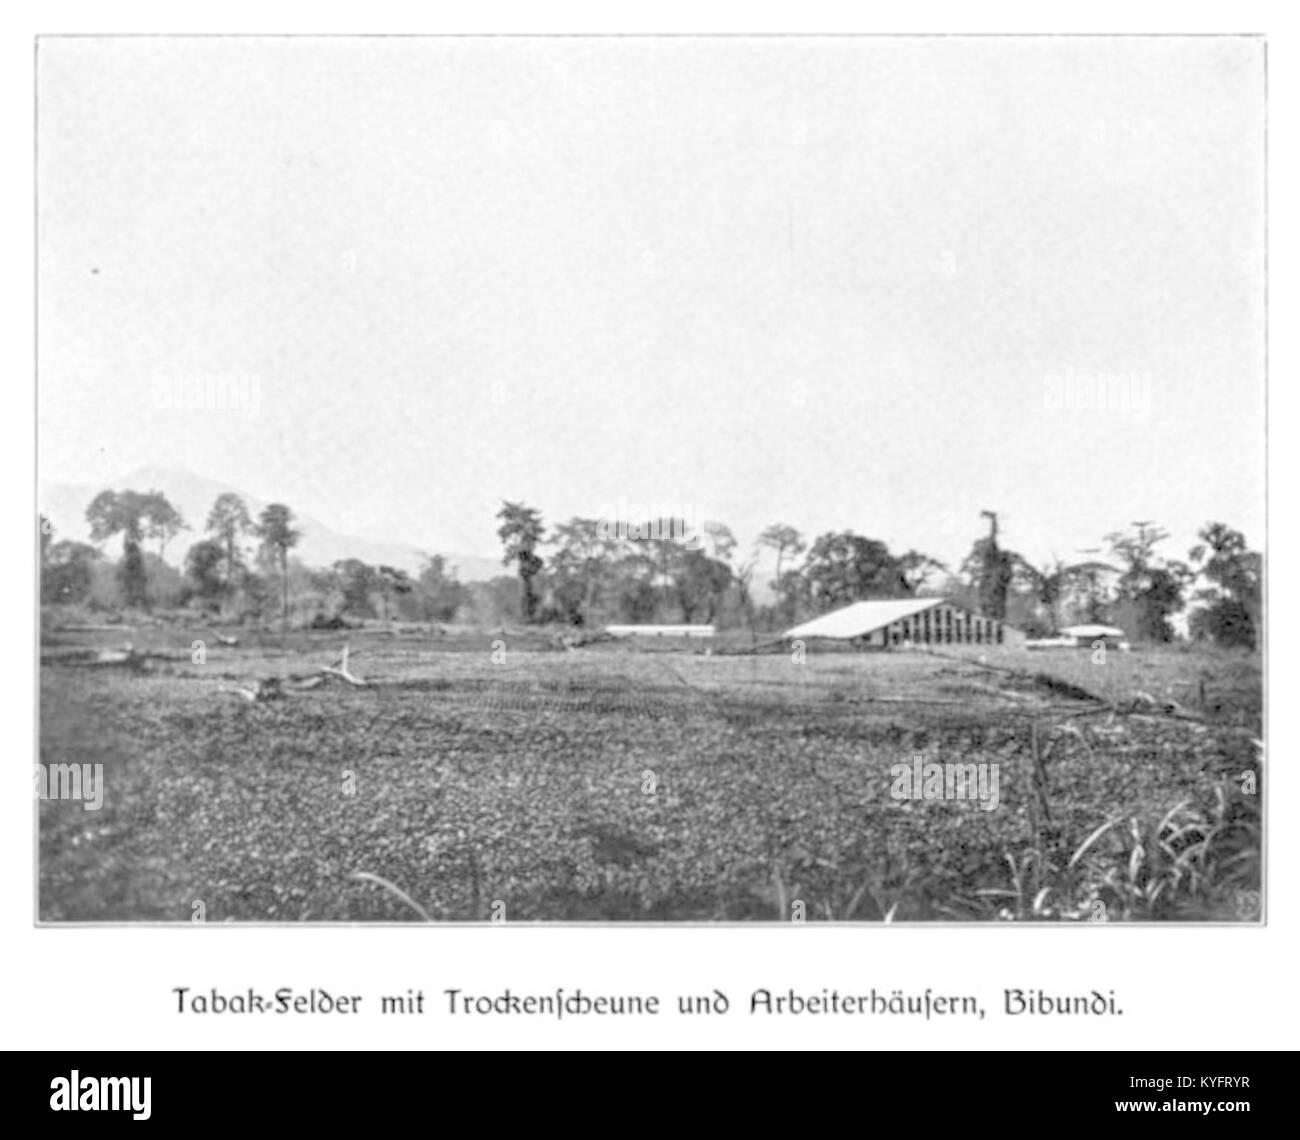 WOHLTMANN(1904) p024 Tabak-Felder mit Trockenscheune und Arbeiterhäusern, Bibundi - Stock Image